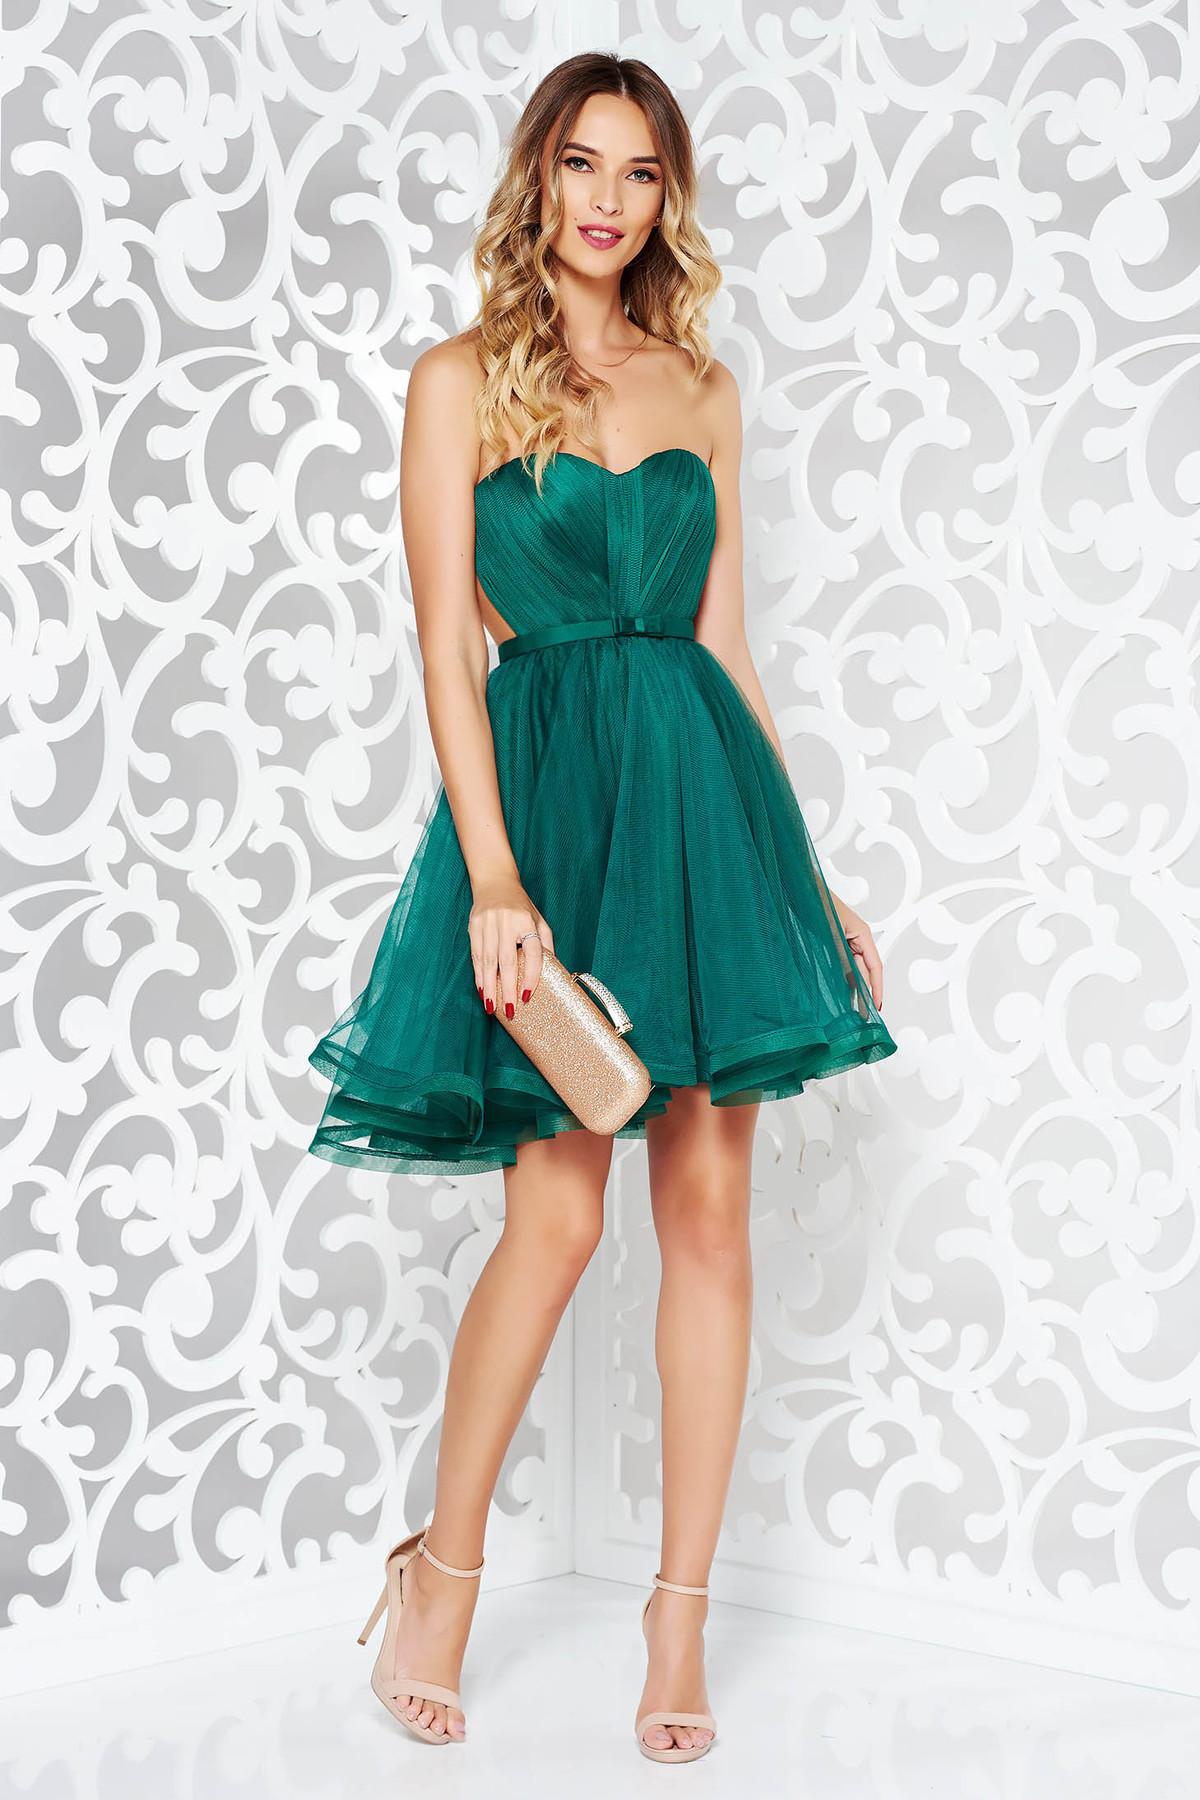 Rochie Ana Radu verde de lux tip corset din tul captusita pe interior cu bust buretat accesorizata cu cordon